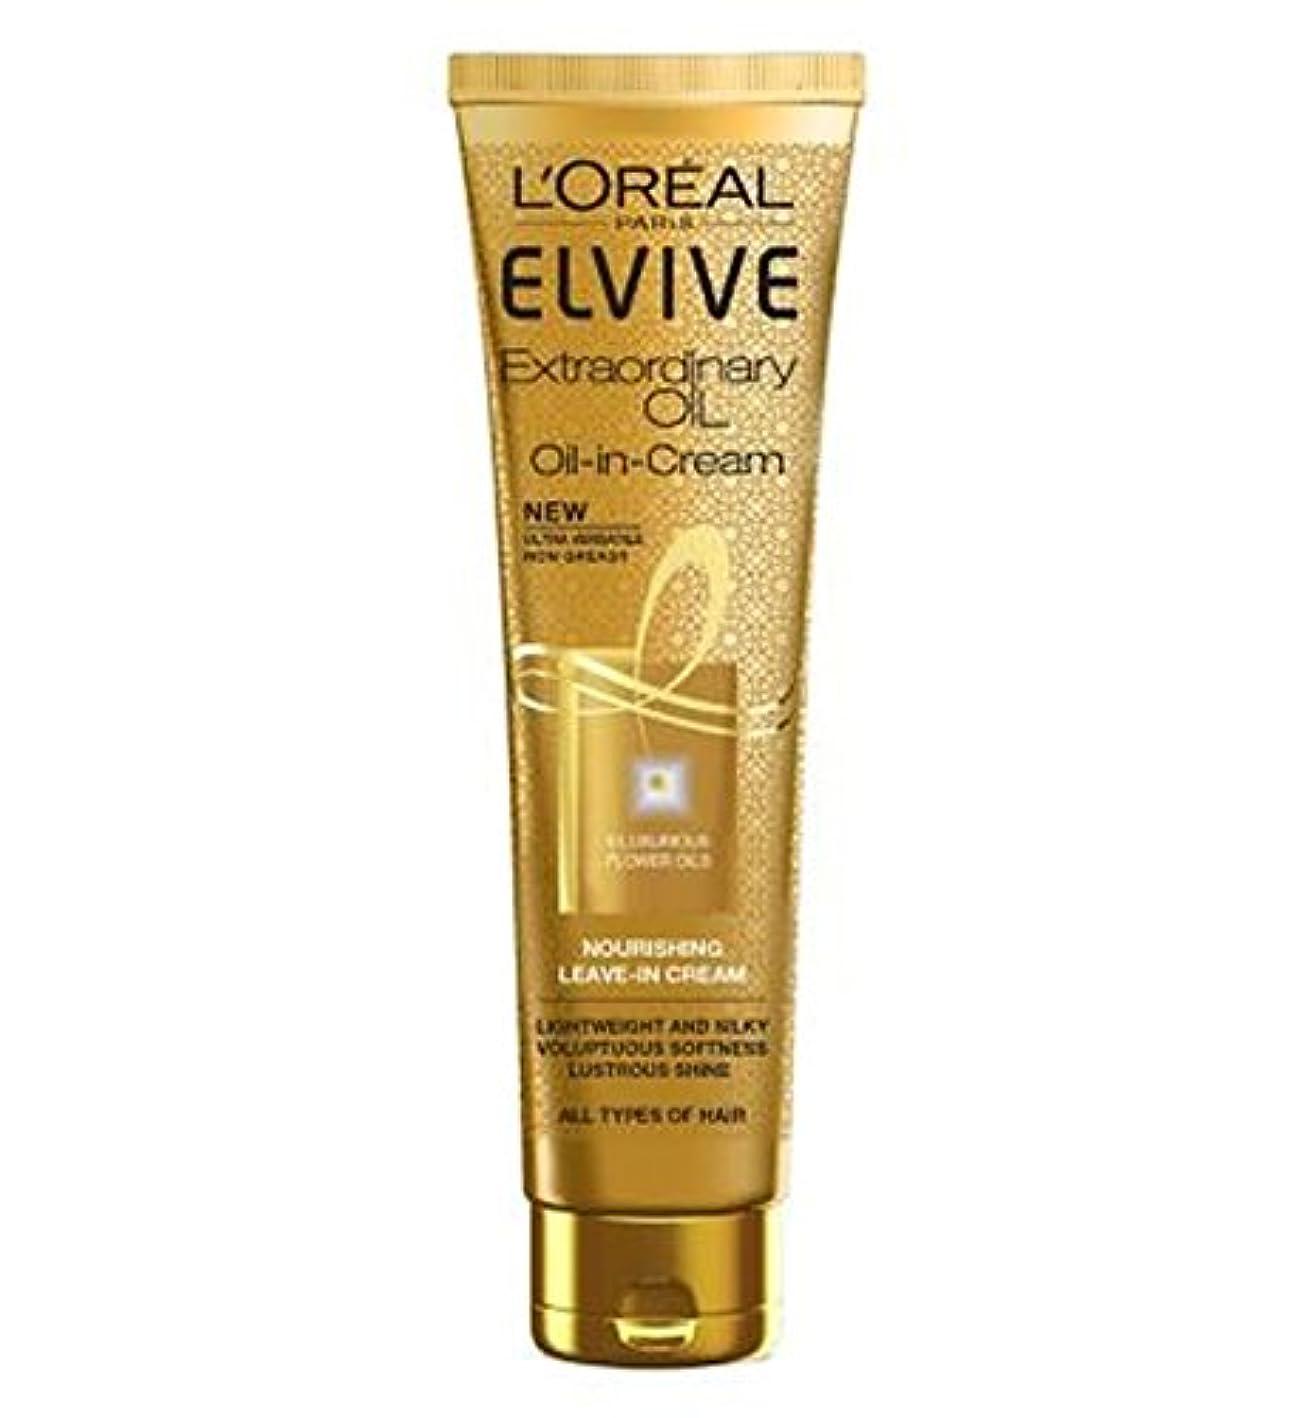 スペイン九月遊具すべての髪のタイプのクリームでロレアルパリElvive臨時オイル (L'Oreal) (x2) - L'Oreal Paris Elvive Extraordinary Oil in Cream All Hair Types...